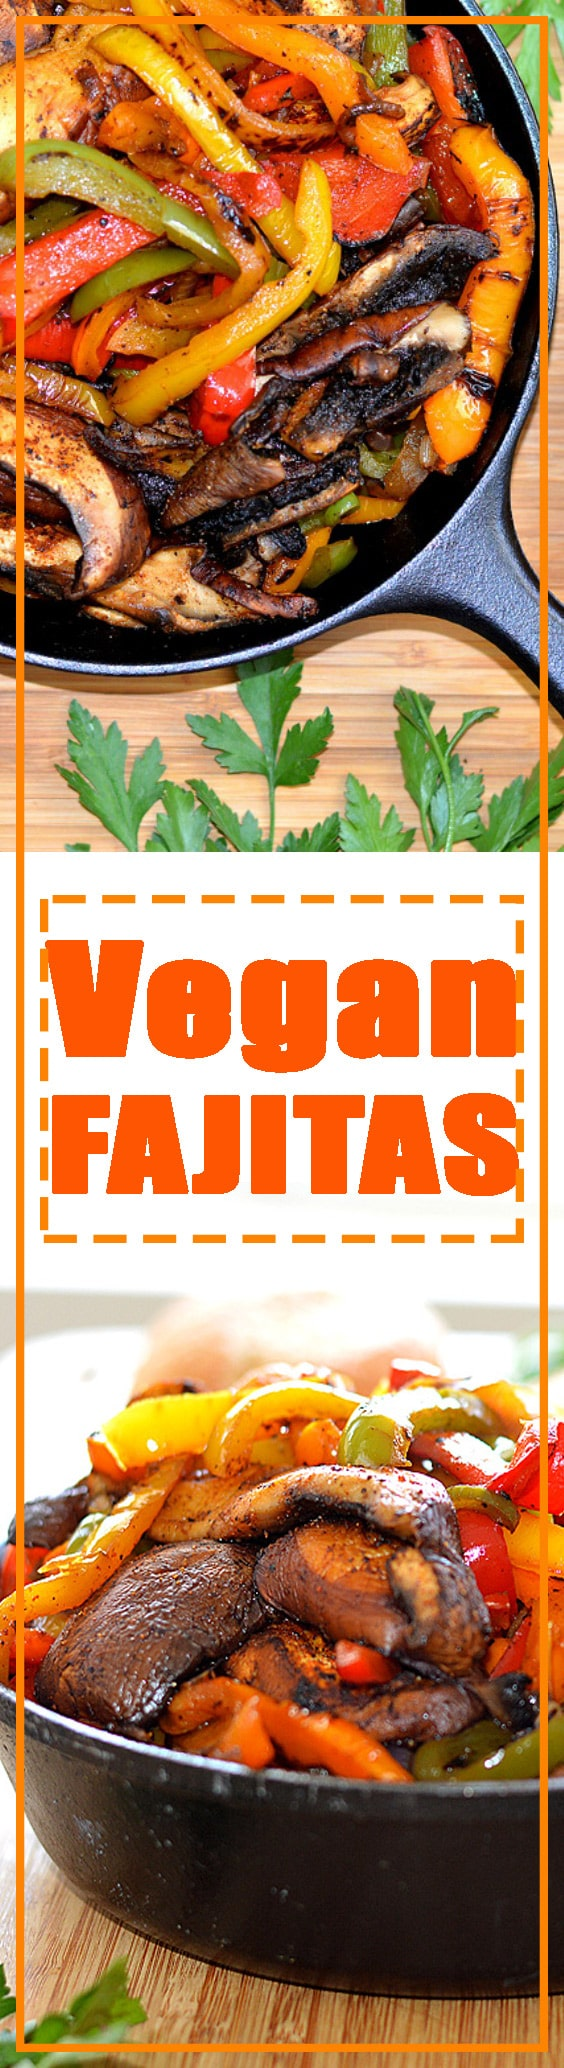 Vegan Fajitas